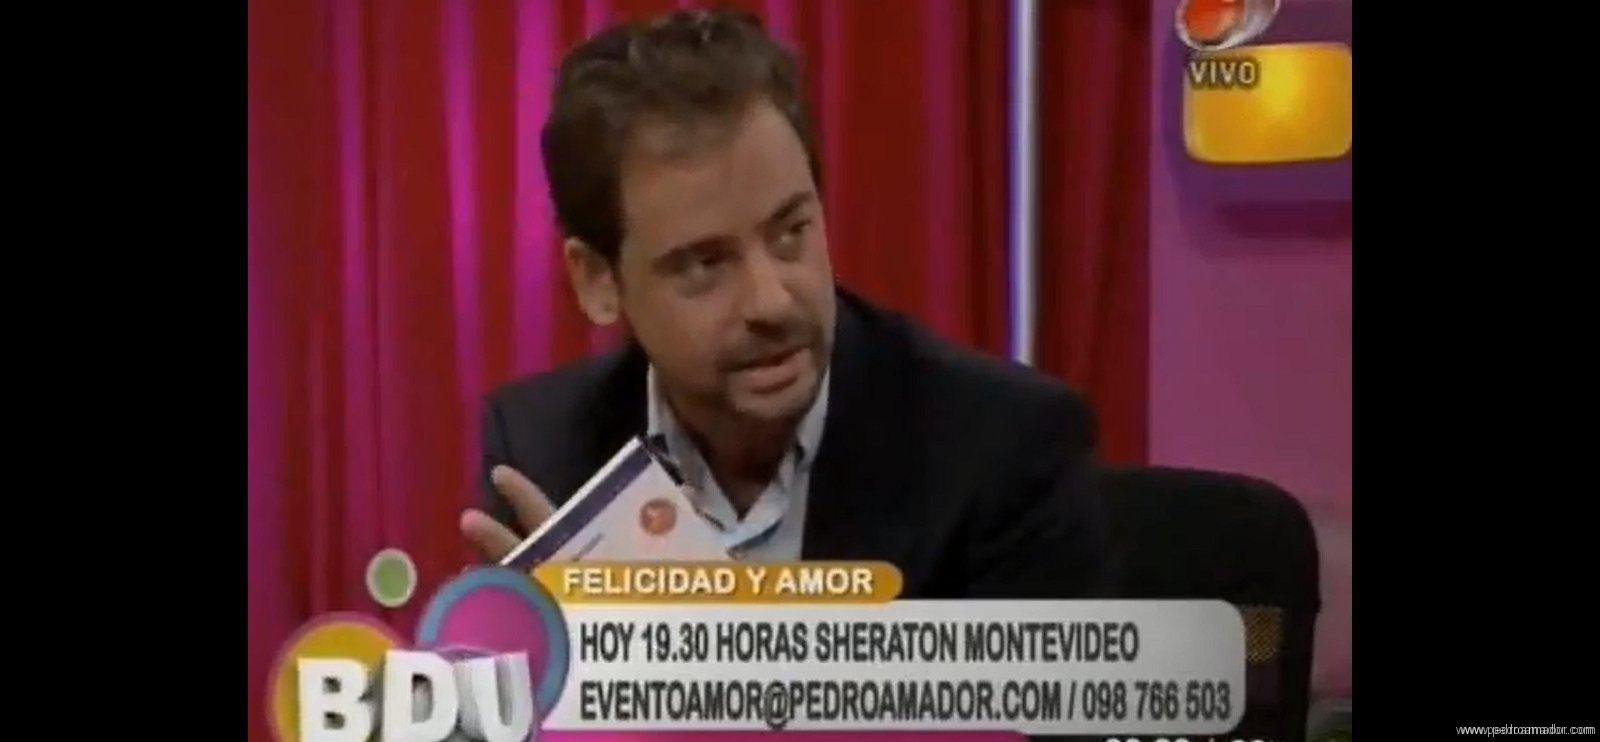 Entrevista en Buen Día Uruguay sobre la felicidad y amor